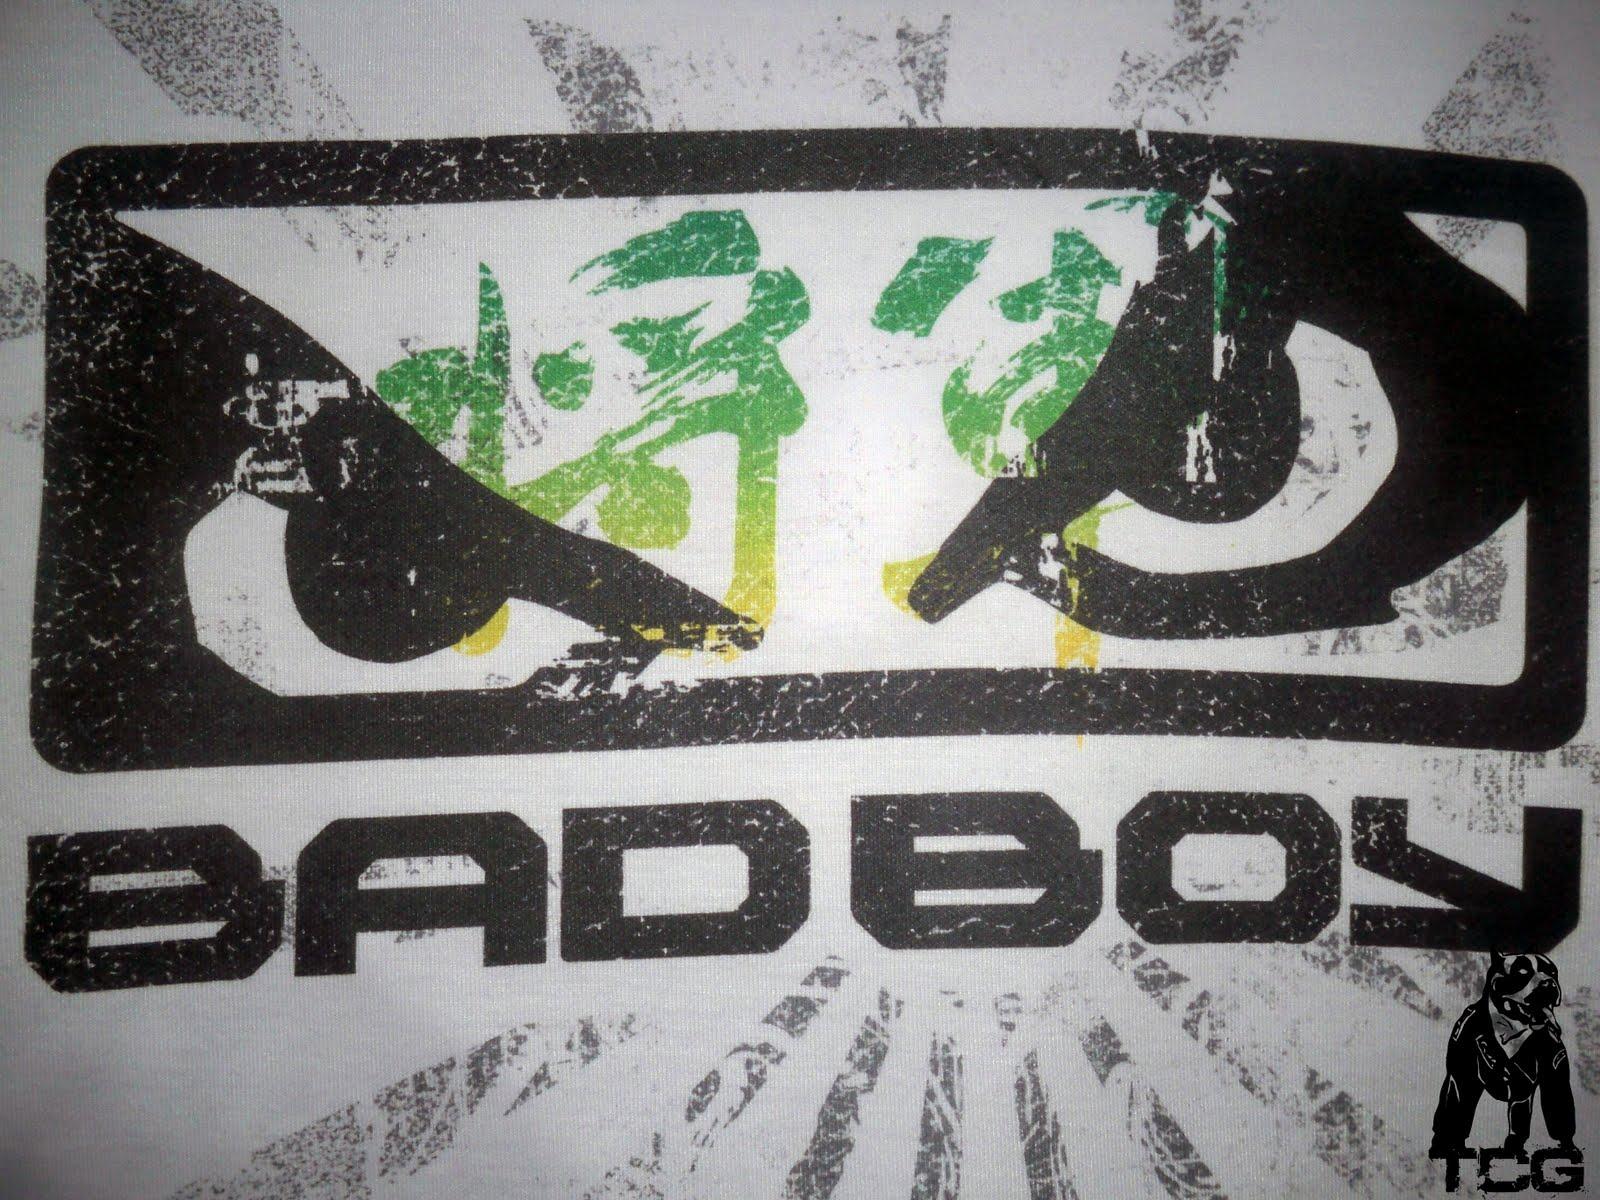 Bad Boy UFC 128 Shogun Walkout T Shirt Review